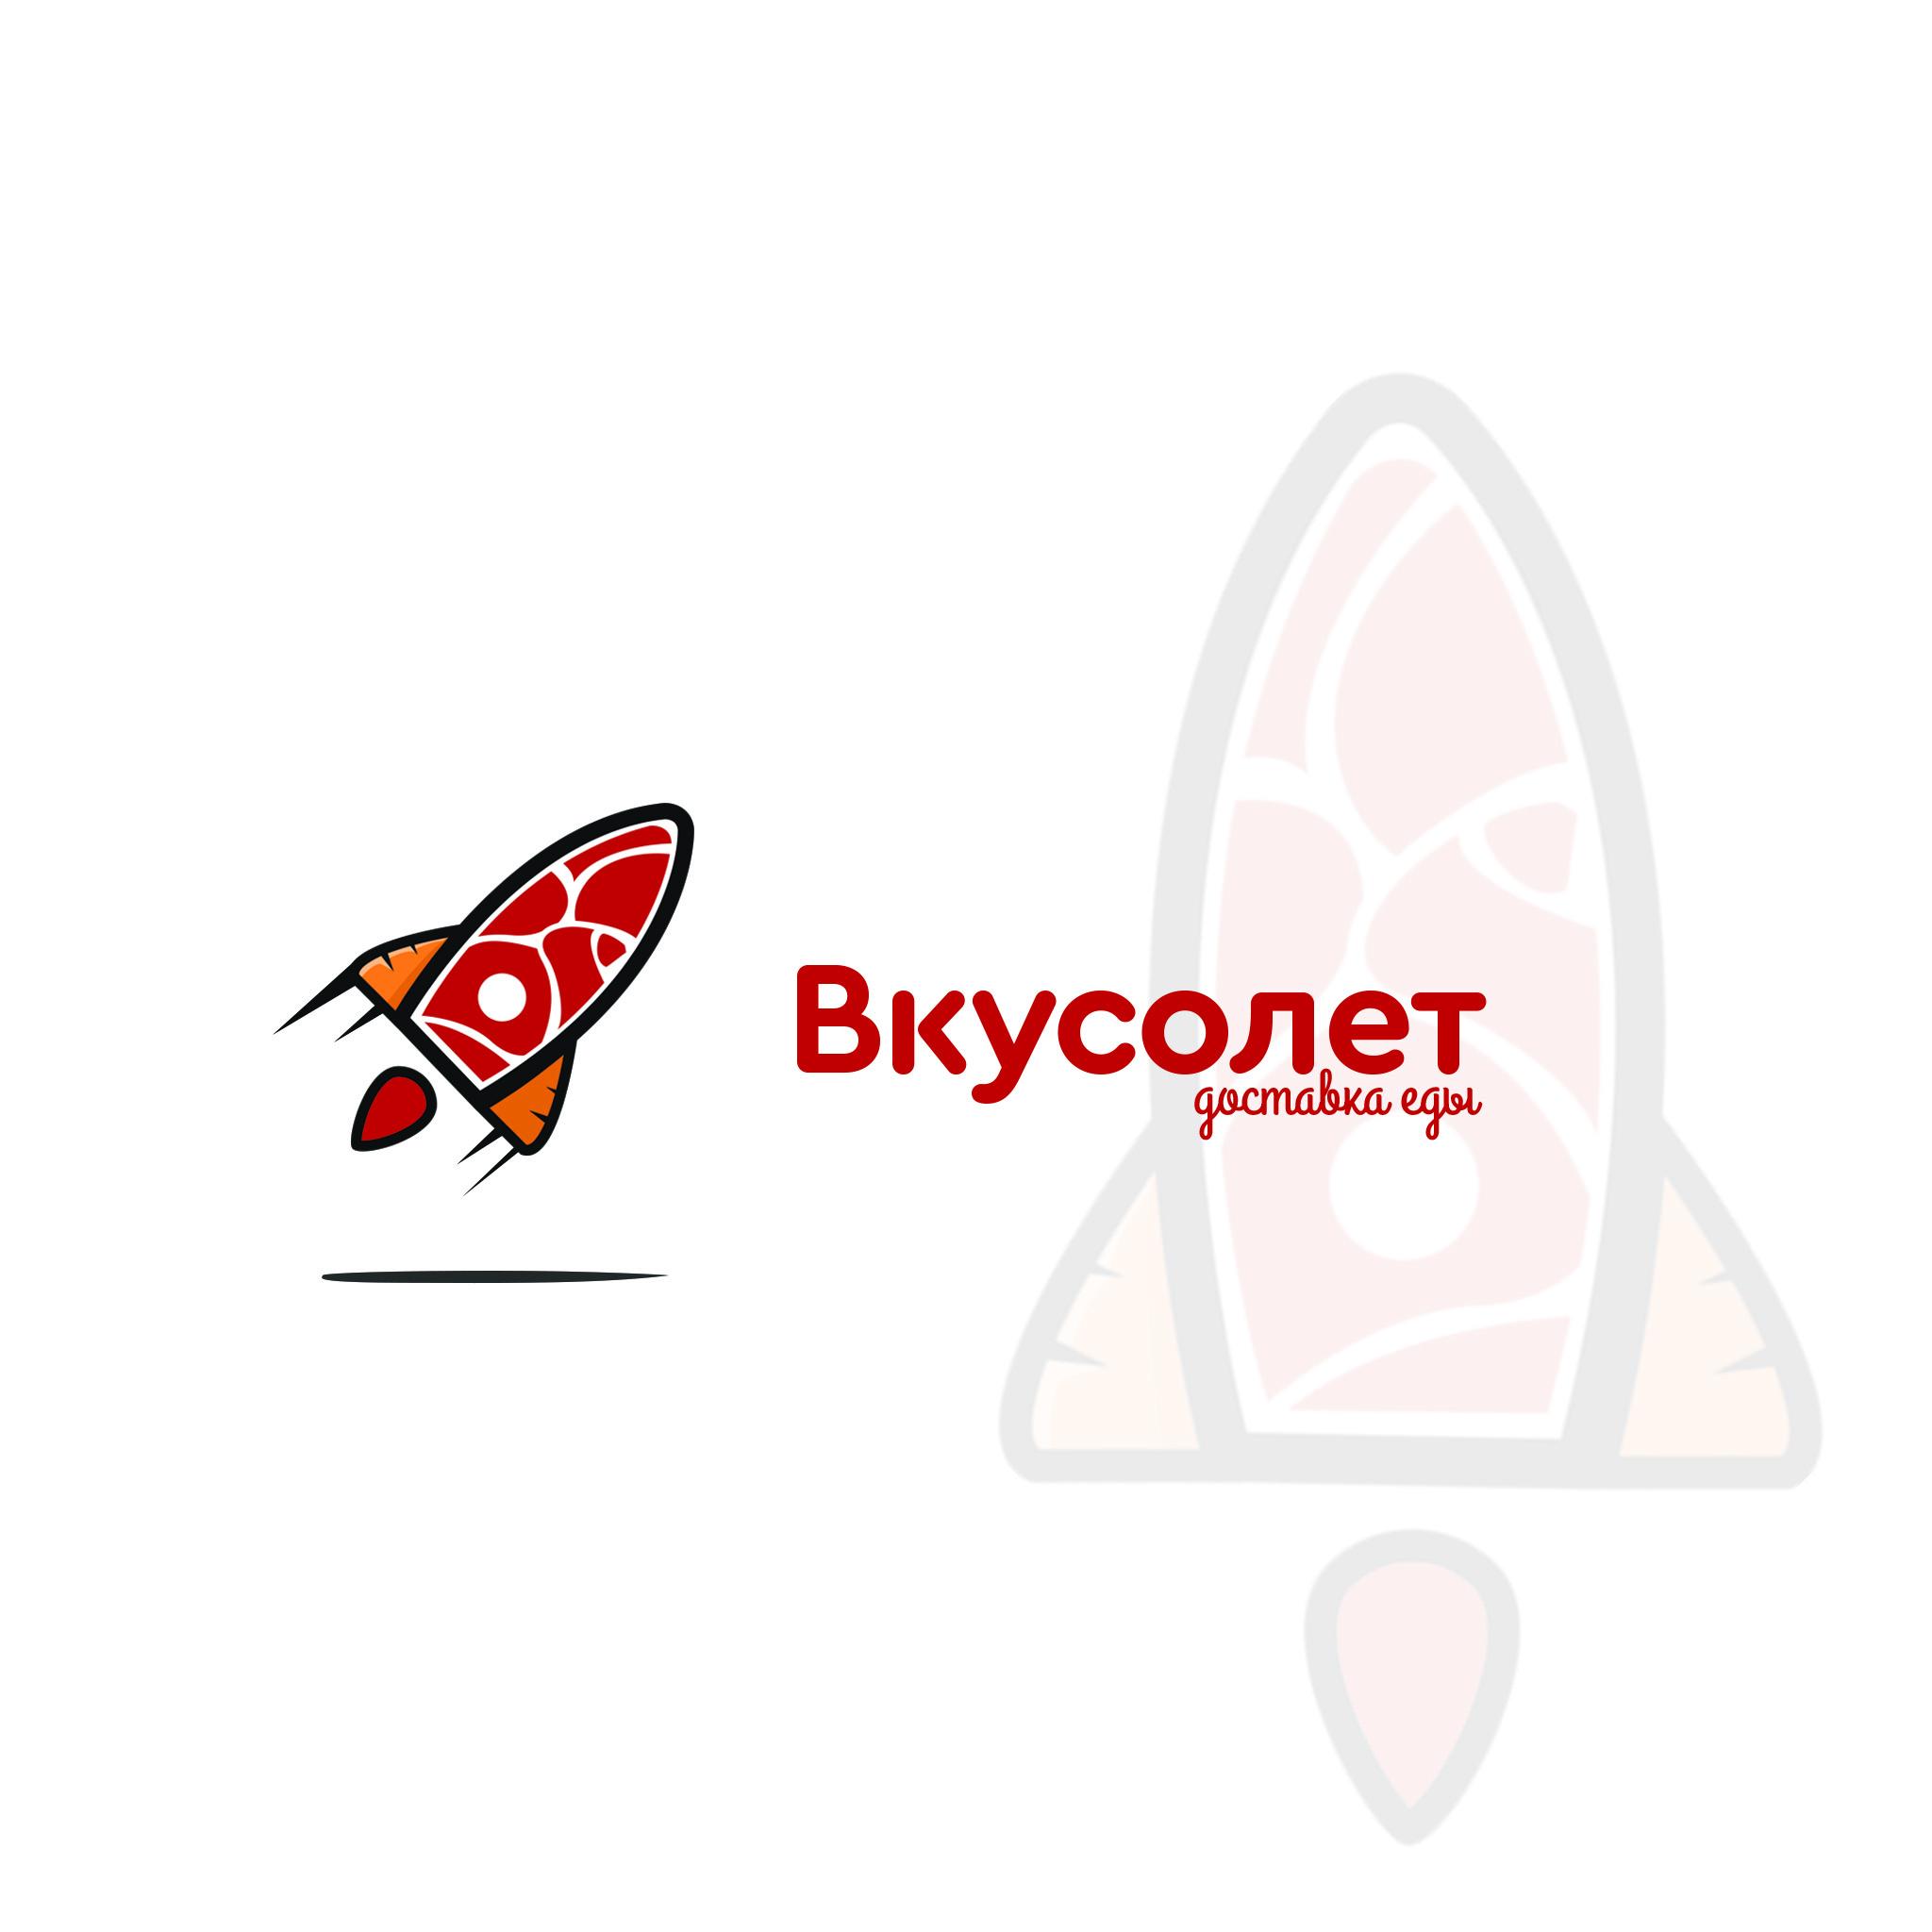 Логотип для доставки еды фото f_31459dbb18ab1666.jpg